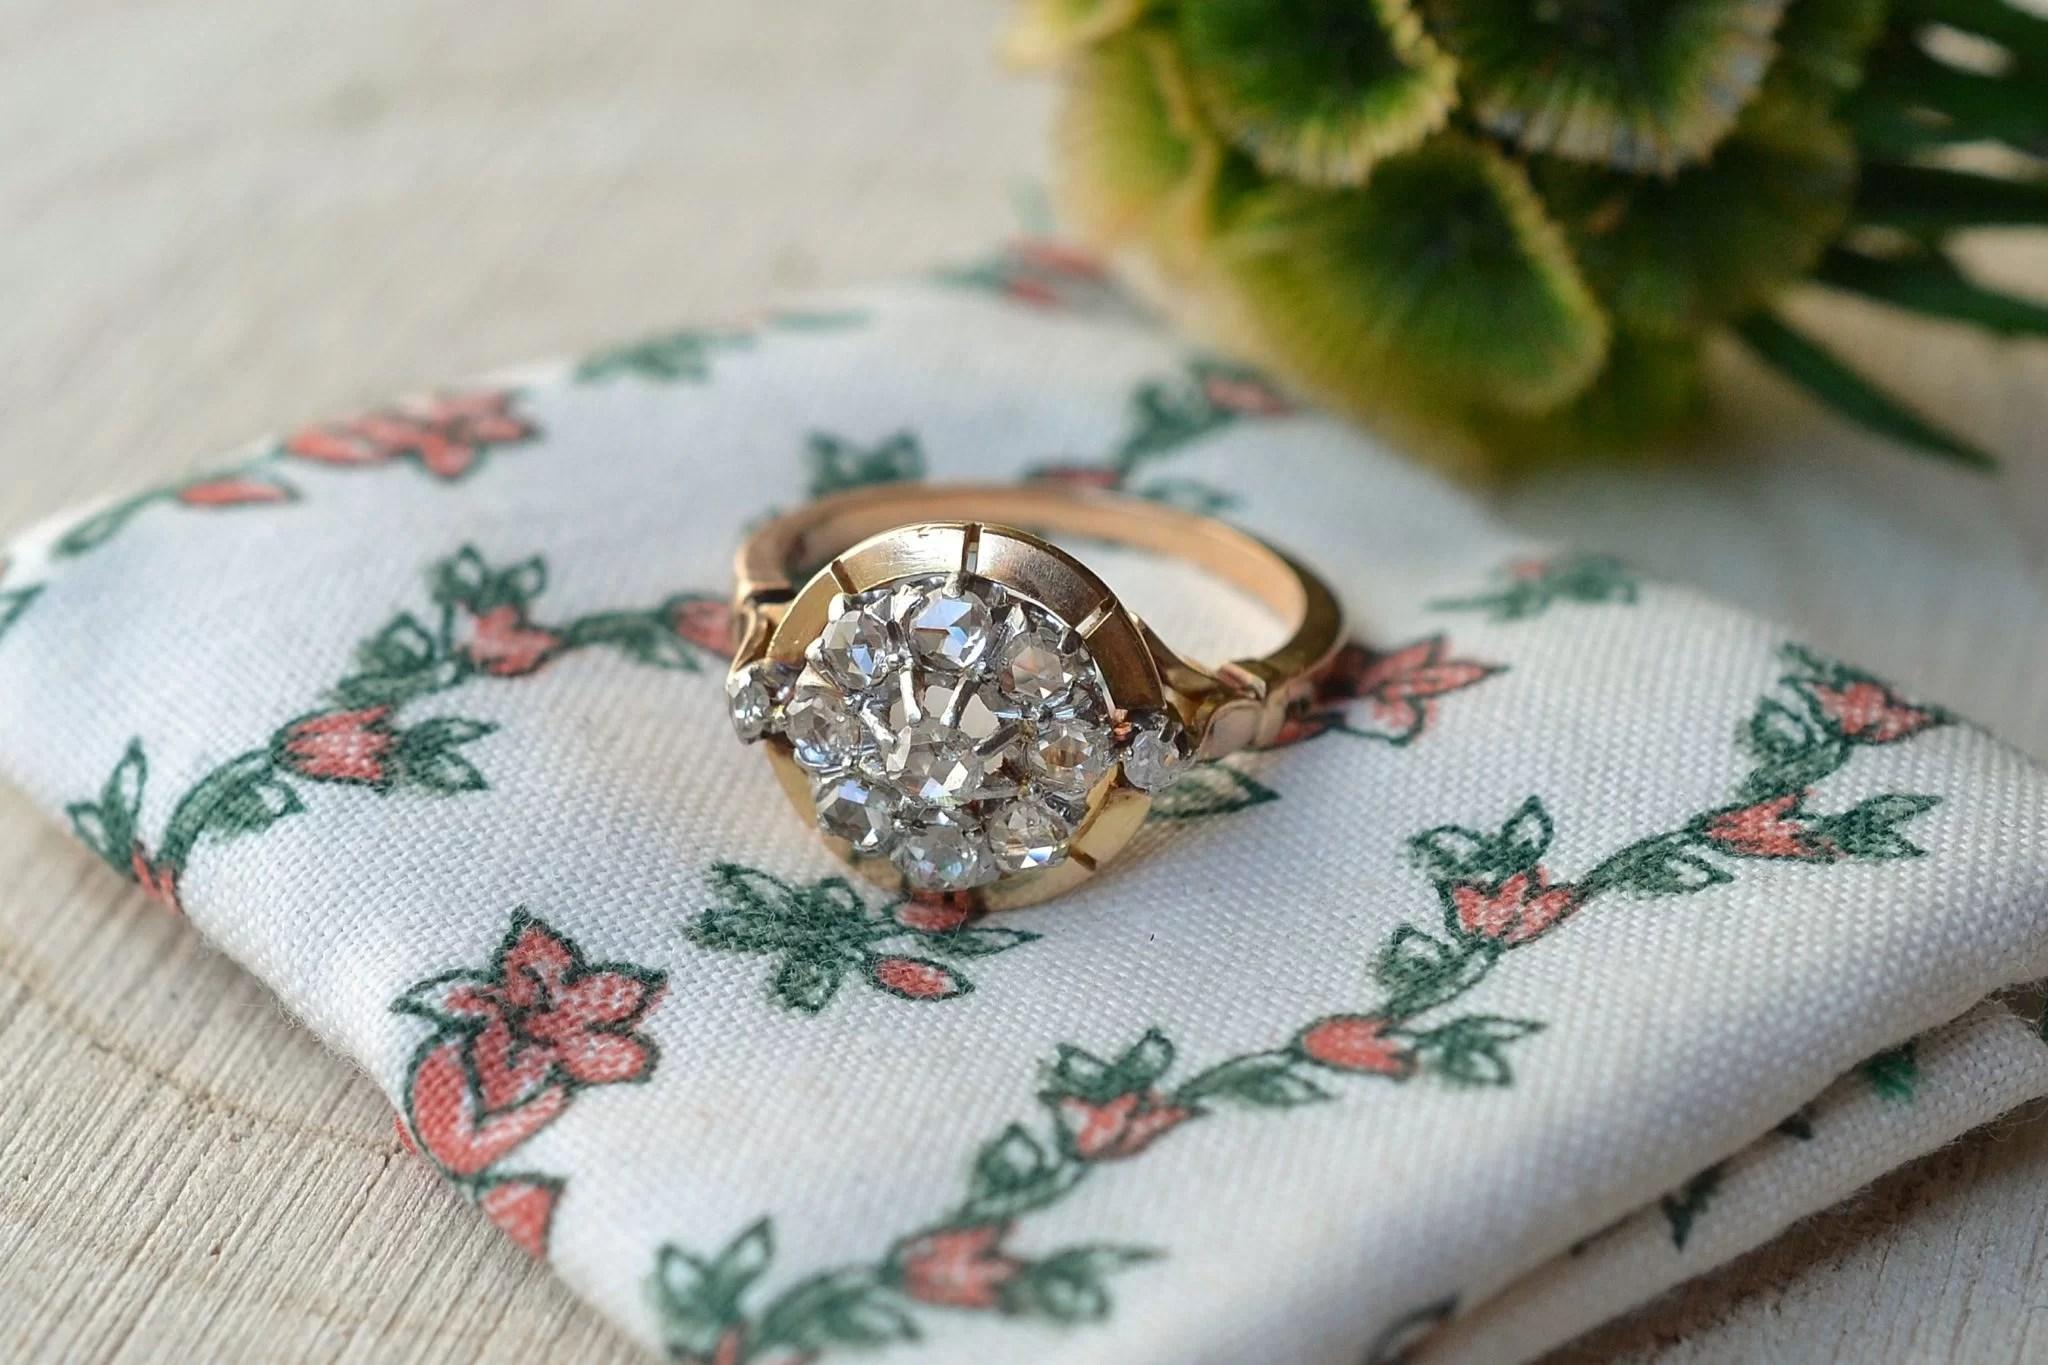 Bague en Or jaune enrichie de diamants - bague éthique et éco-responsable